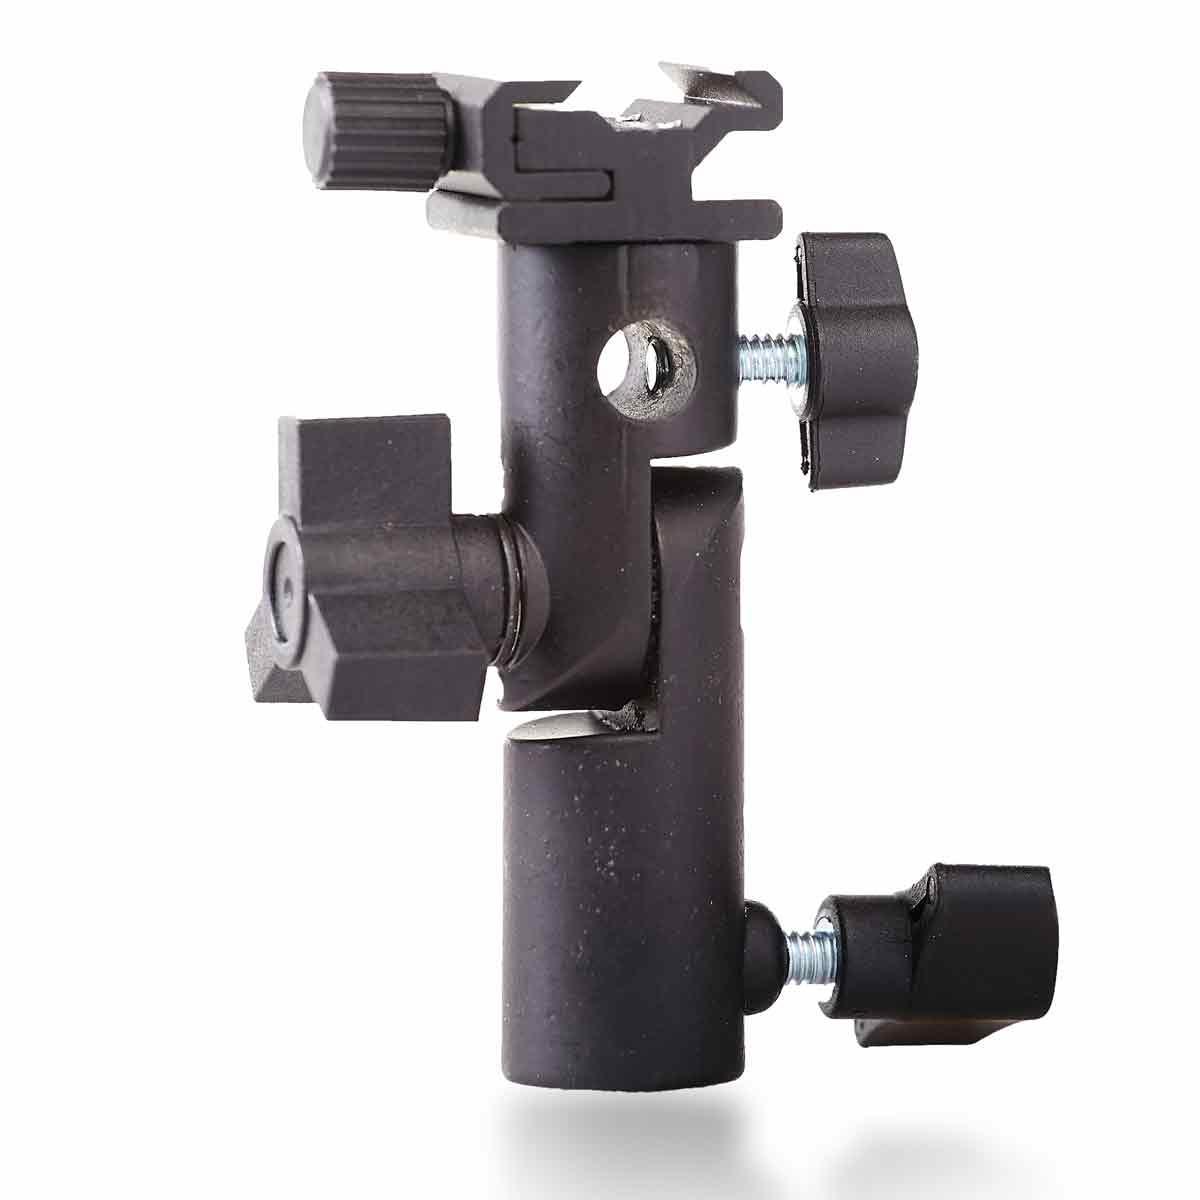 Шарнирный держатель для вспышки и зонта type E (PLA421)